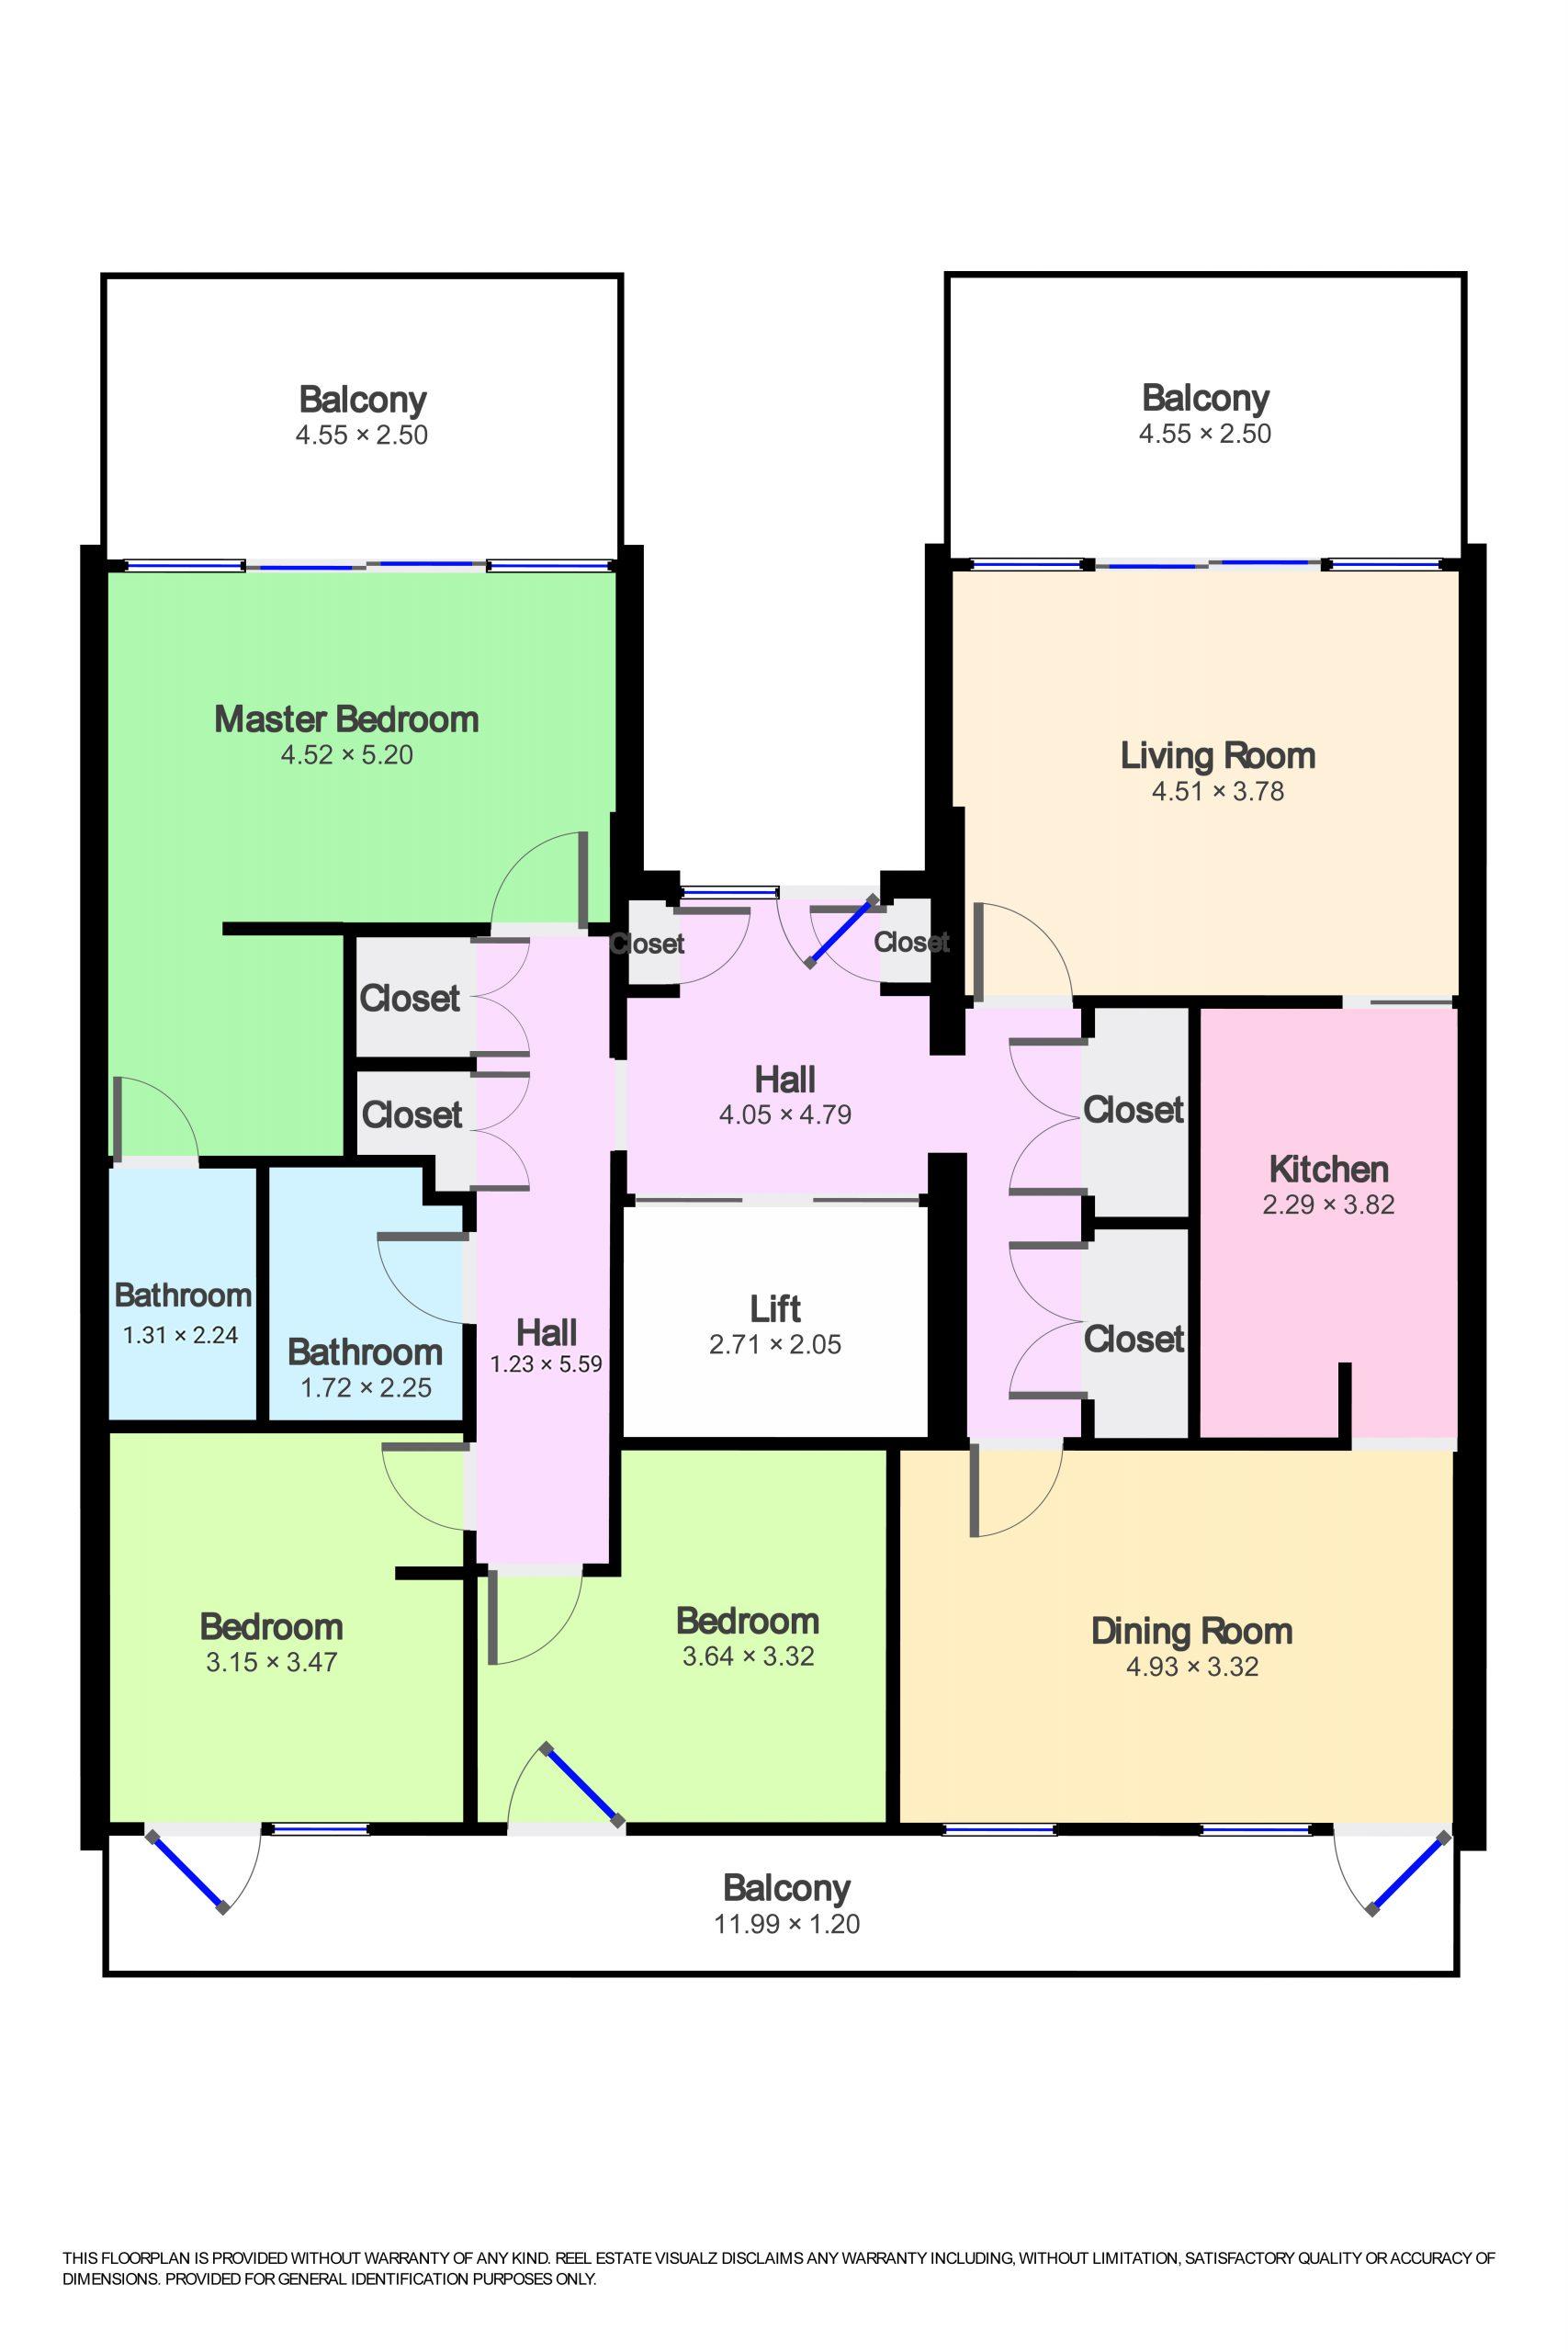 183 Crosbie s Yard - 5th Floor